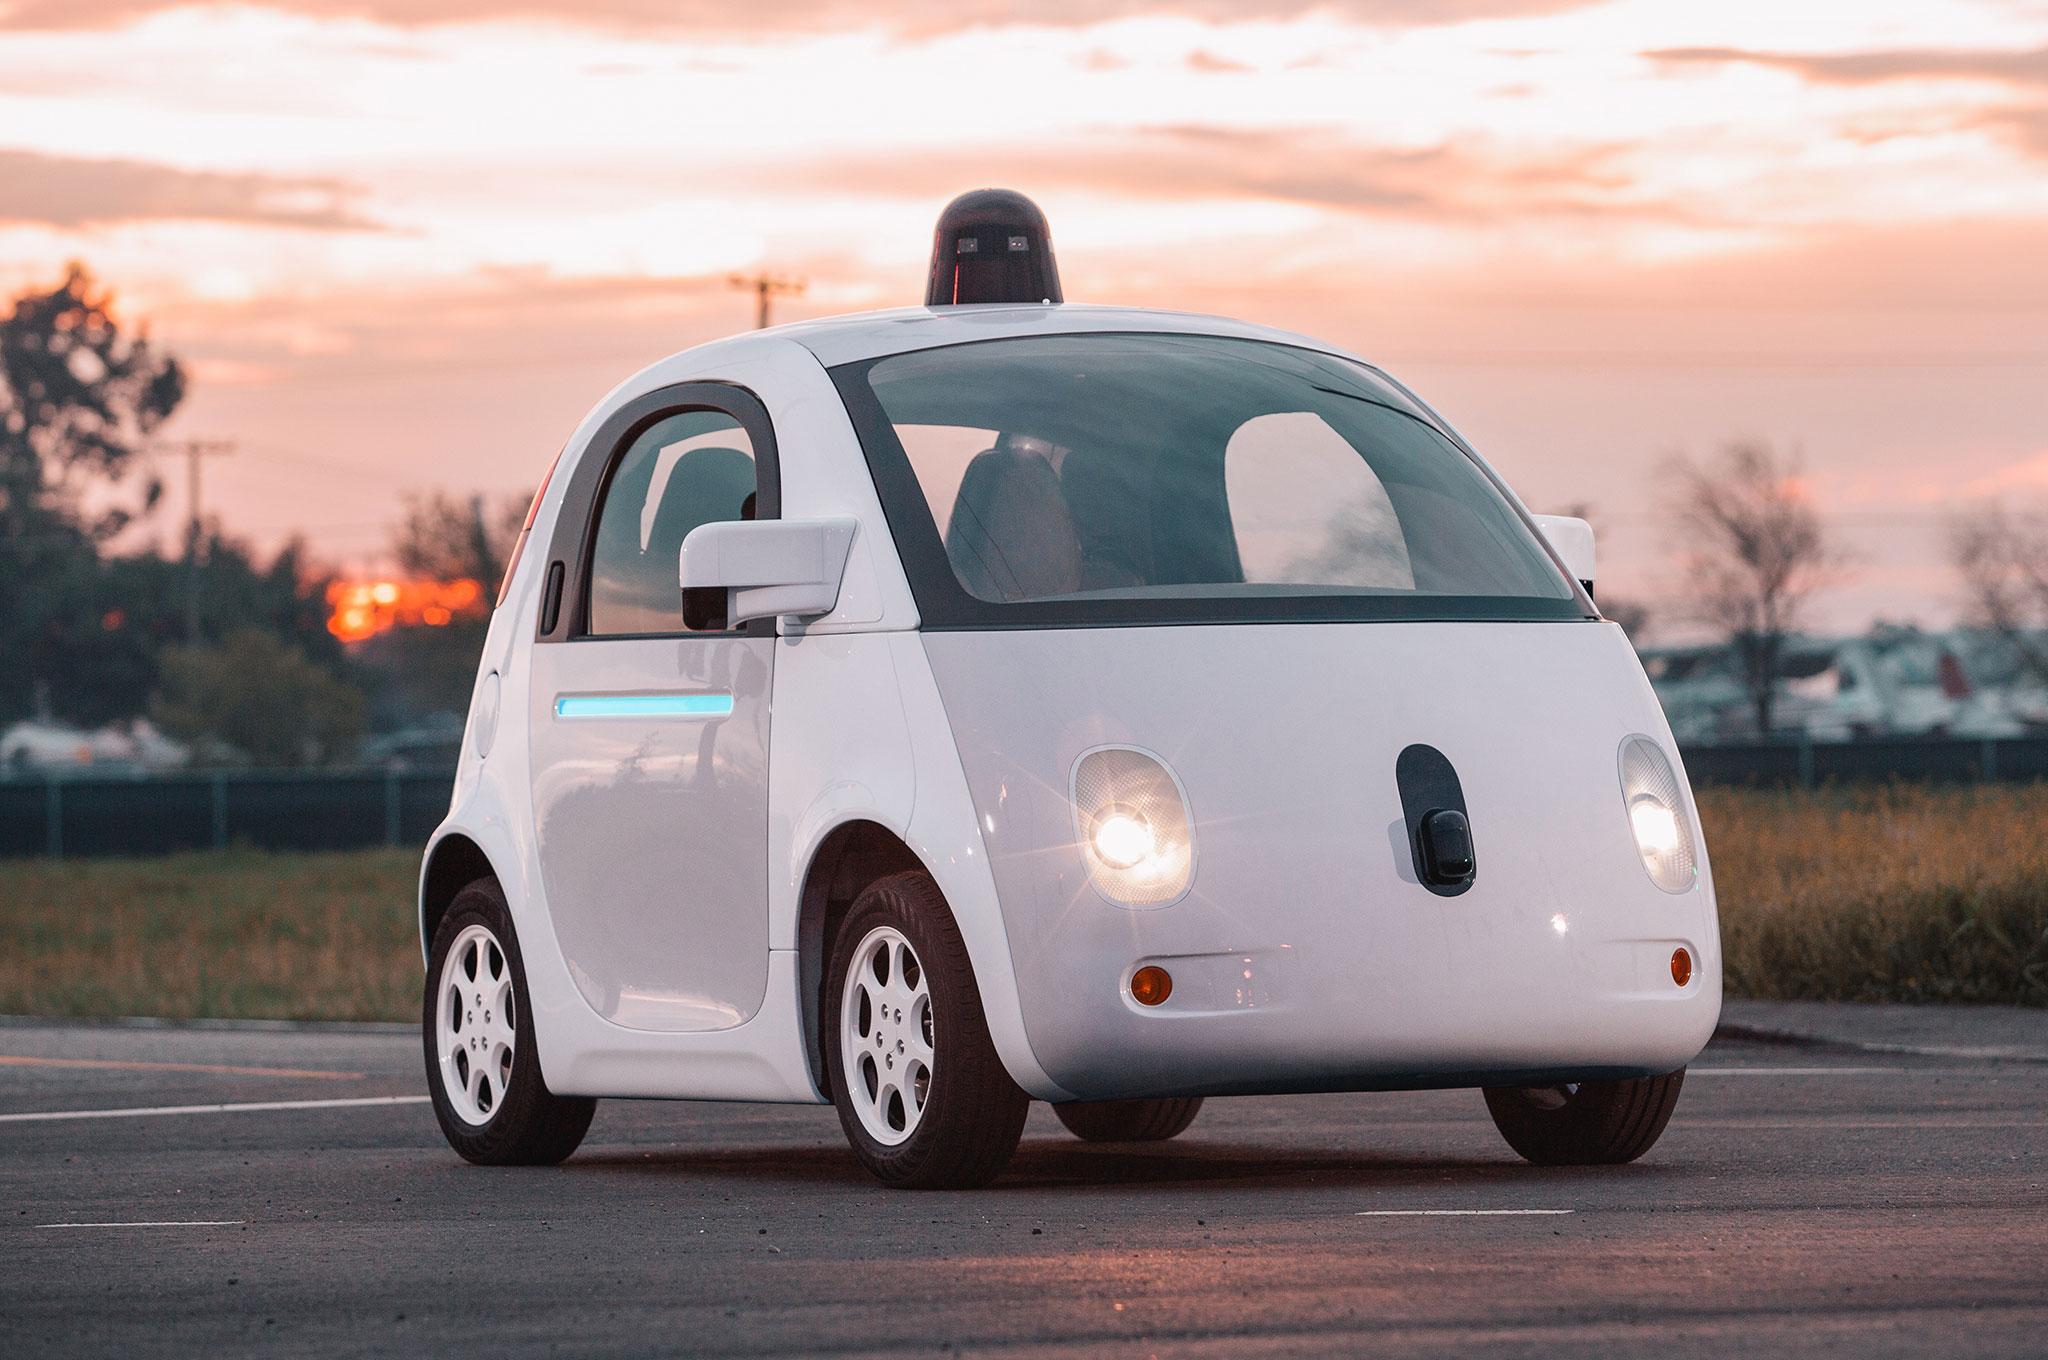 Afbeeldingsresultaten voor self driving cars